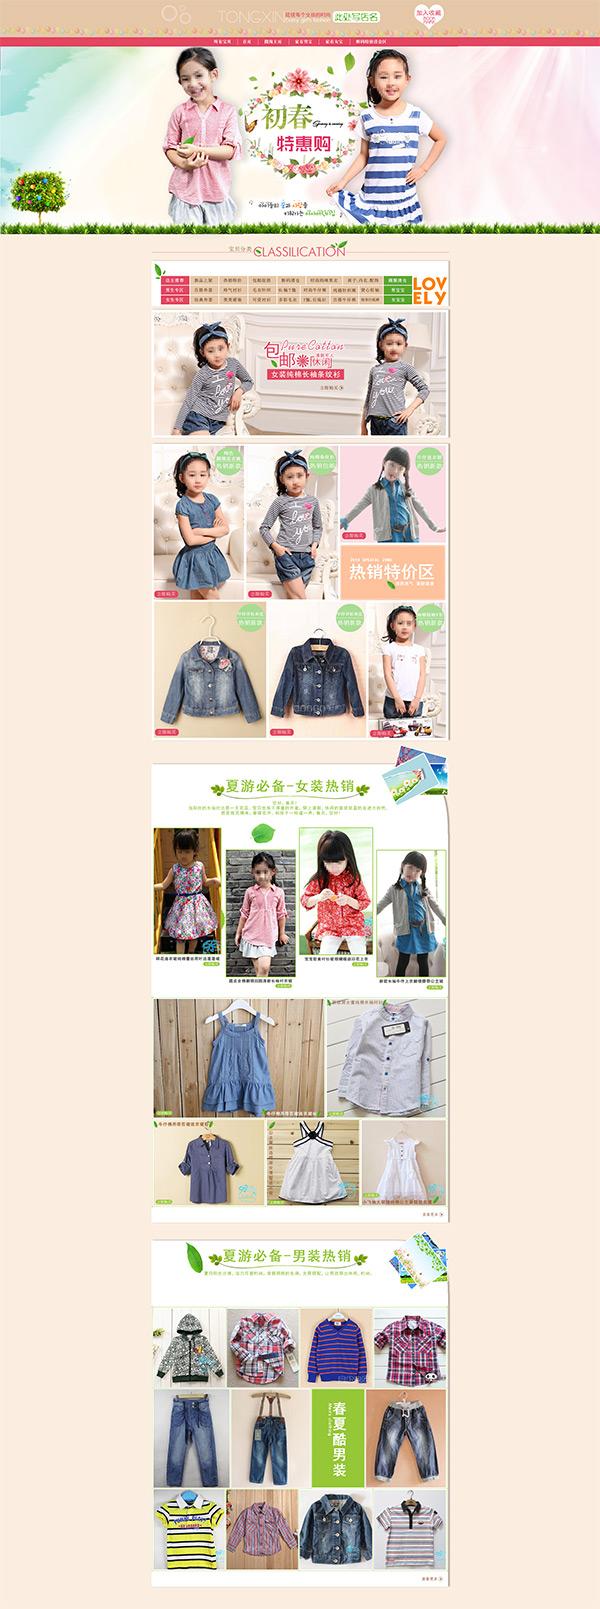 银行女装衫,长袖,连衣裙,热销新款,装修特价,夏游必备,牛仔热销,条纹热销v银行男装图片